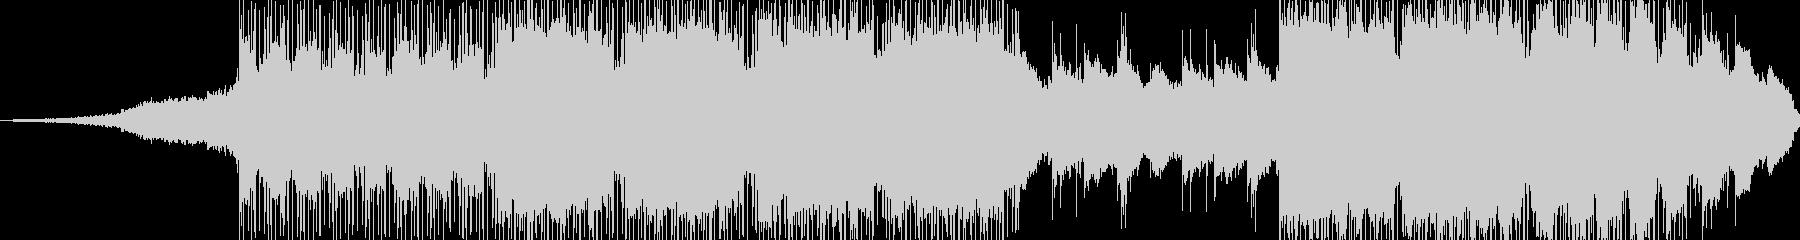 エアリアル センチメンタル 説明的...の未再生の波形